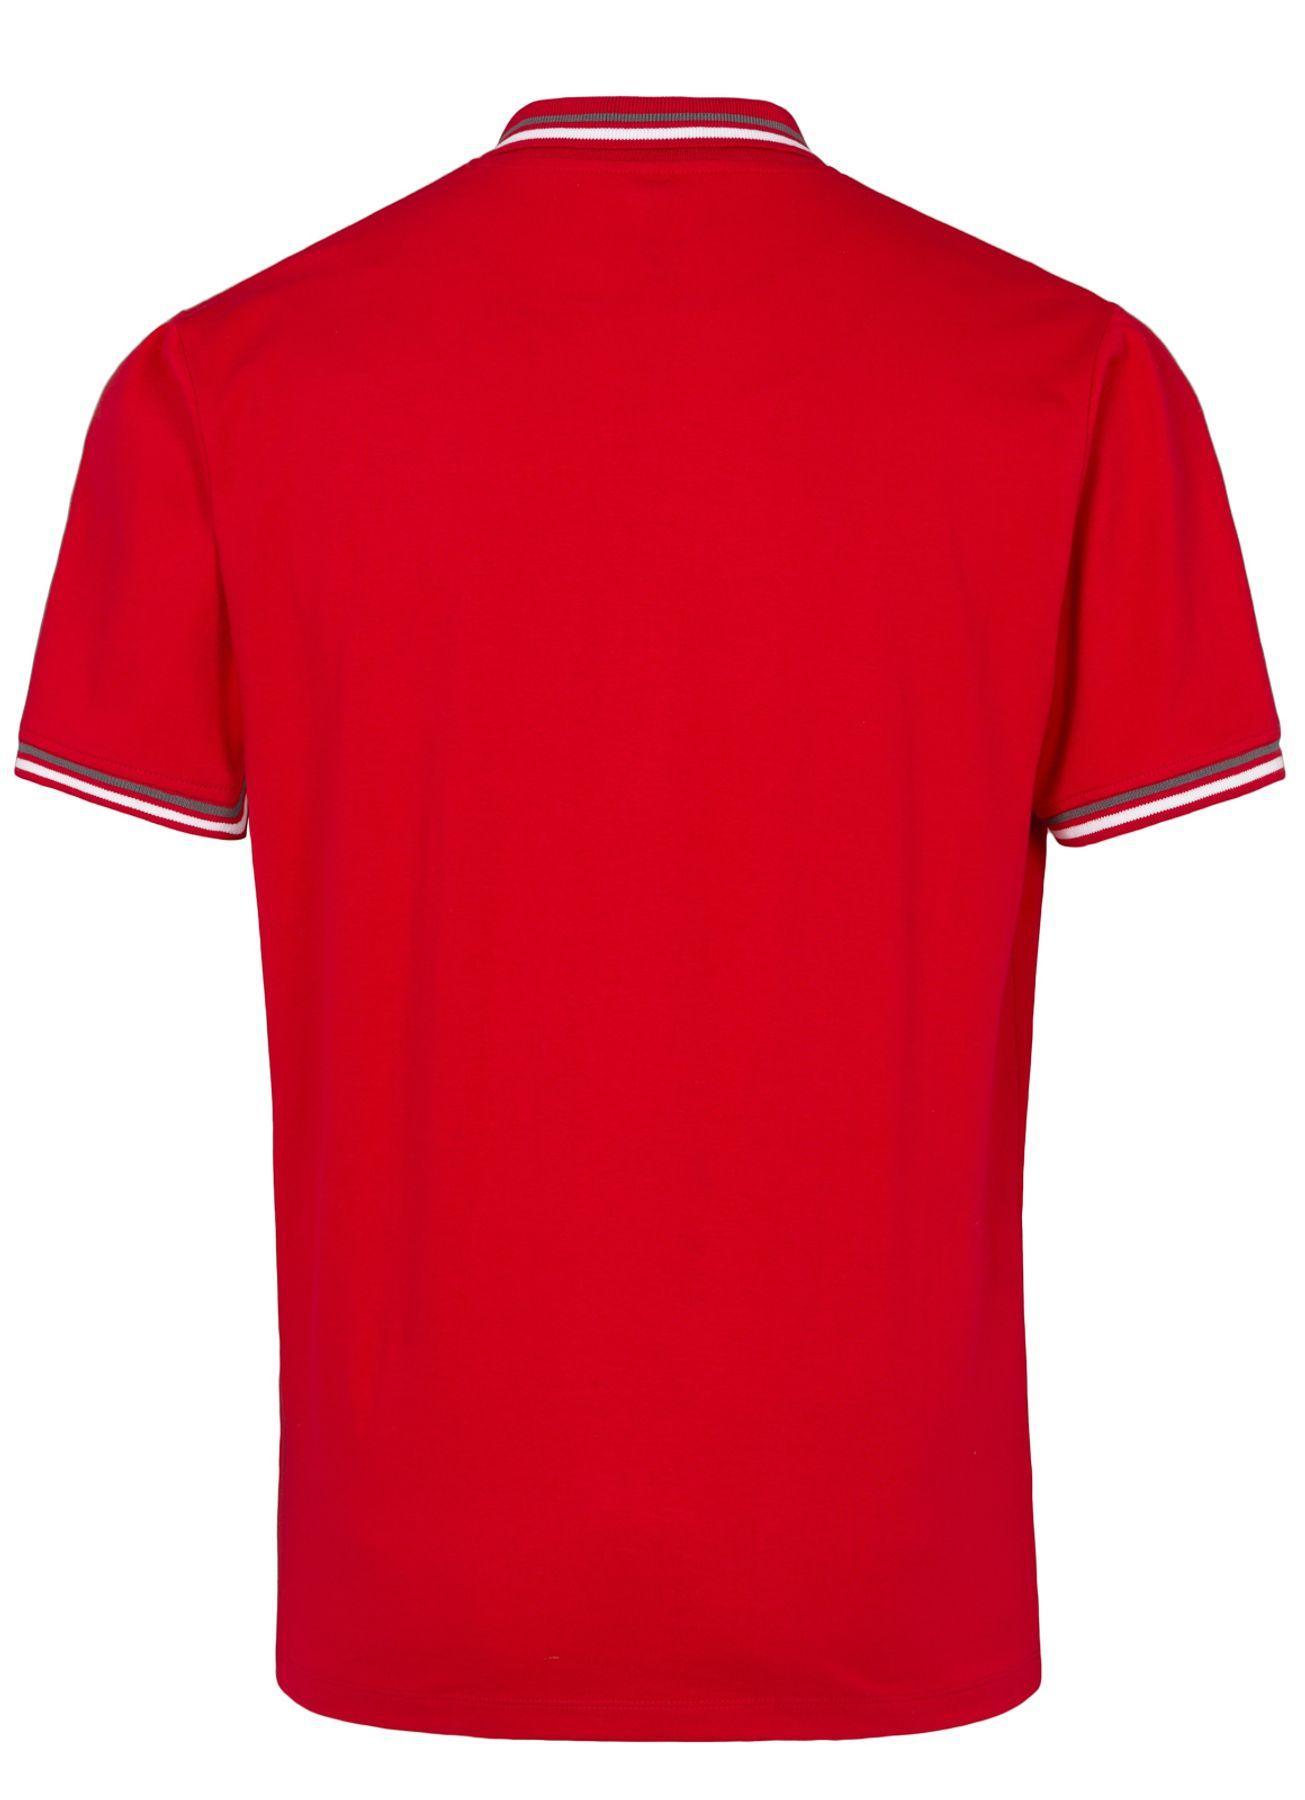 Spieth & Wensky - Herren Trachten T-Shirt Flo in drei Farben (291630-0021) – Bild 2